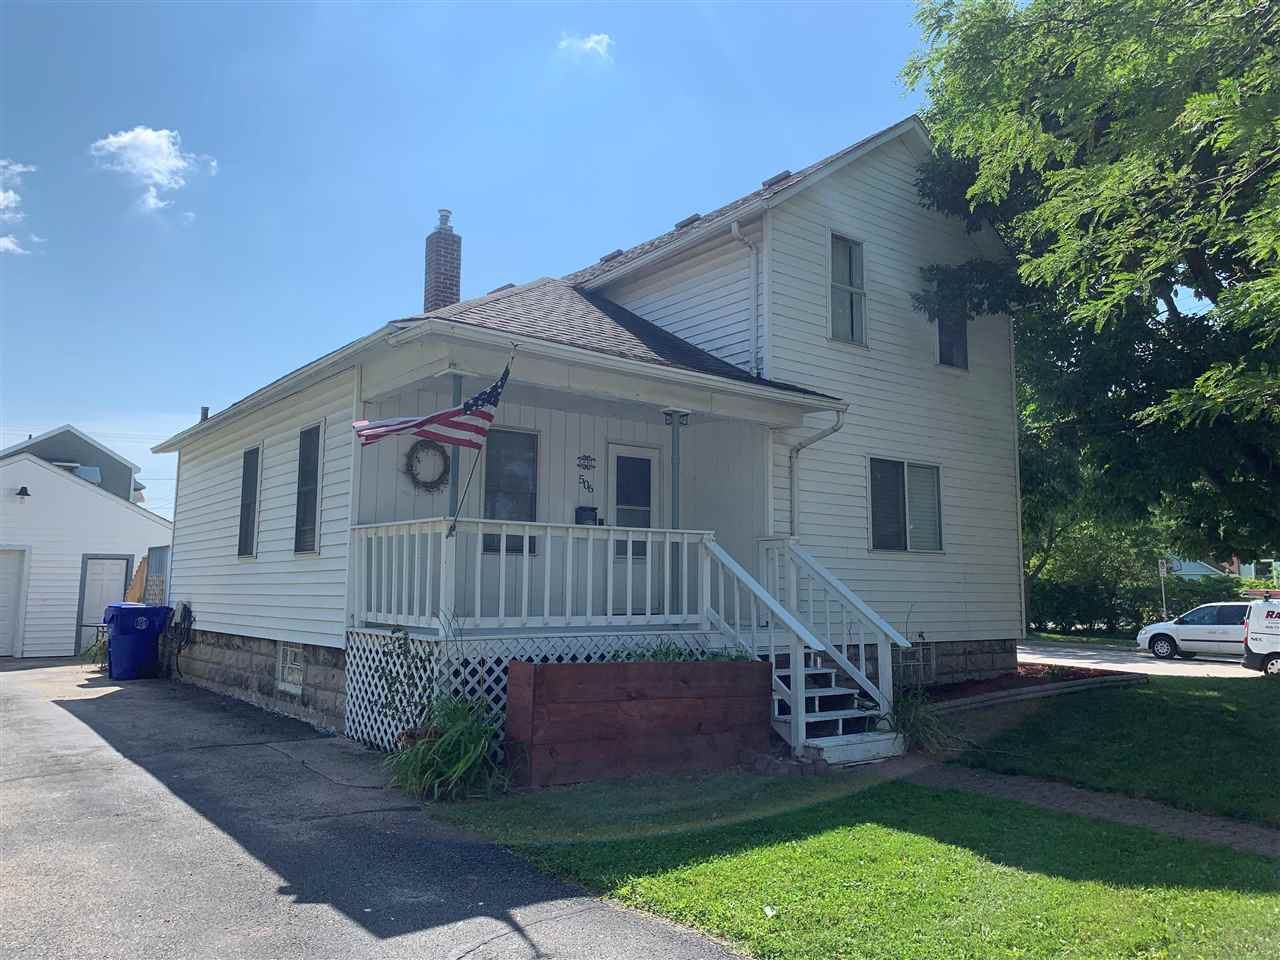 506 N DIVISION Street, Appleton, WI 54911 - MLS#: 50245282